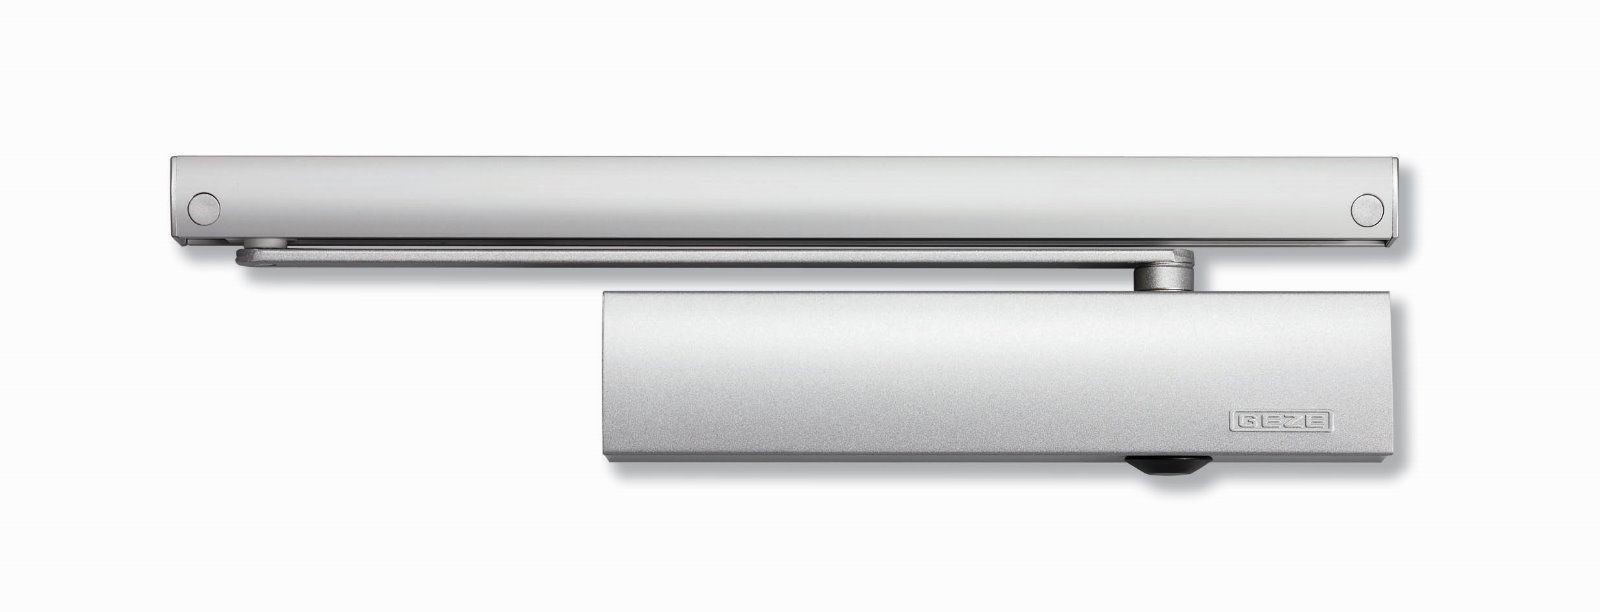 Geze Türschliesser Obentürschließer TS 5000 mit Gleitschiene, Silber